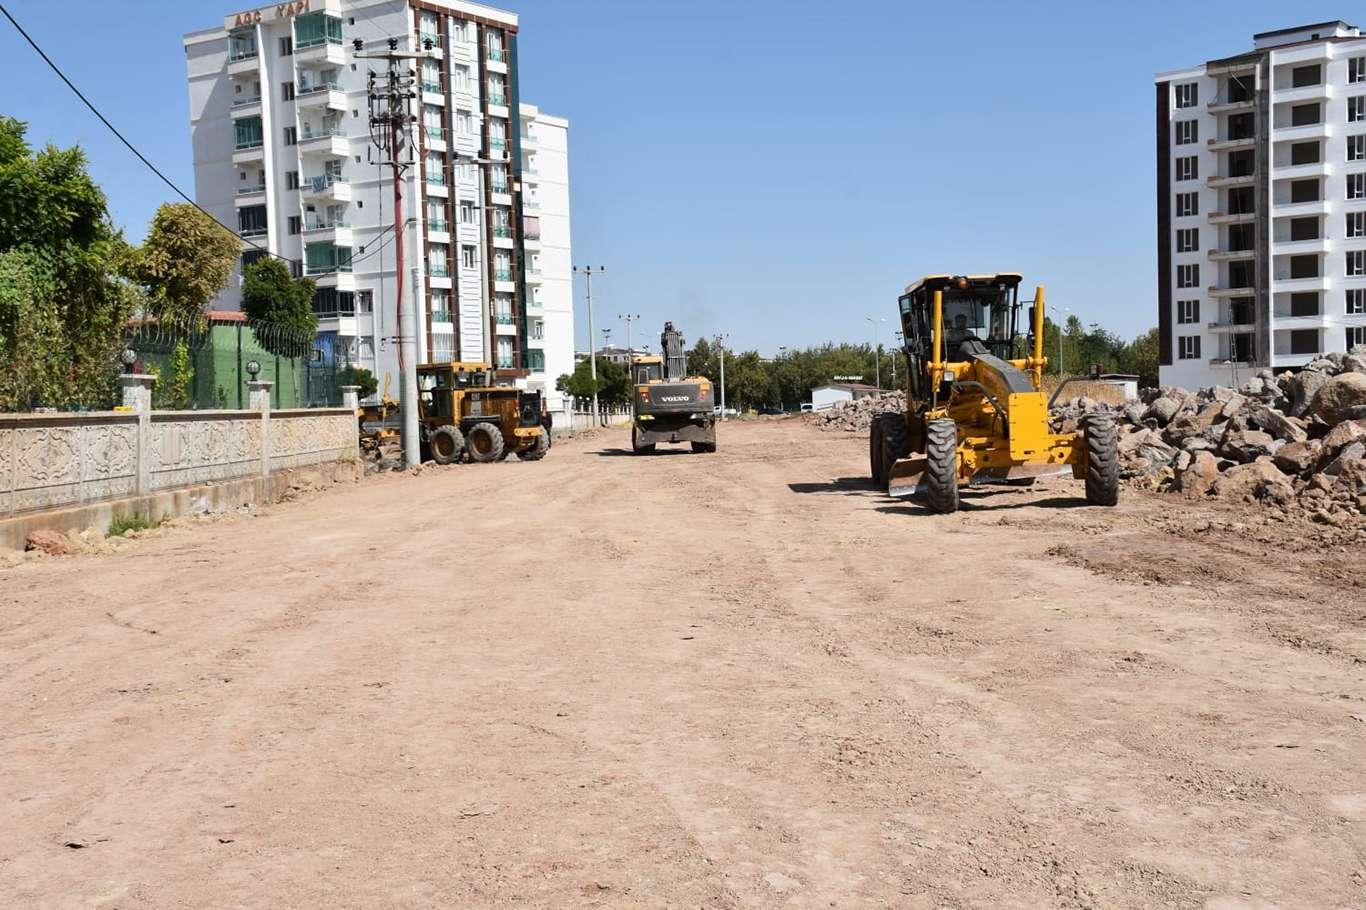 Diyarbakır'da yol yapım çalışmaları sürüyor